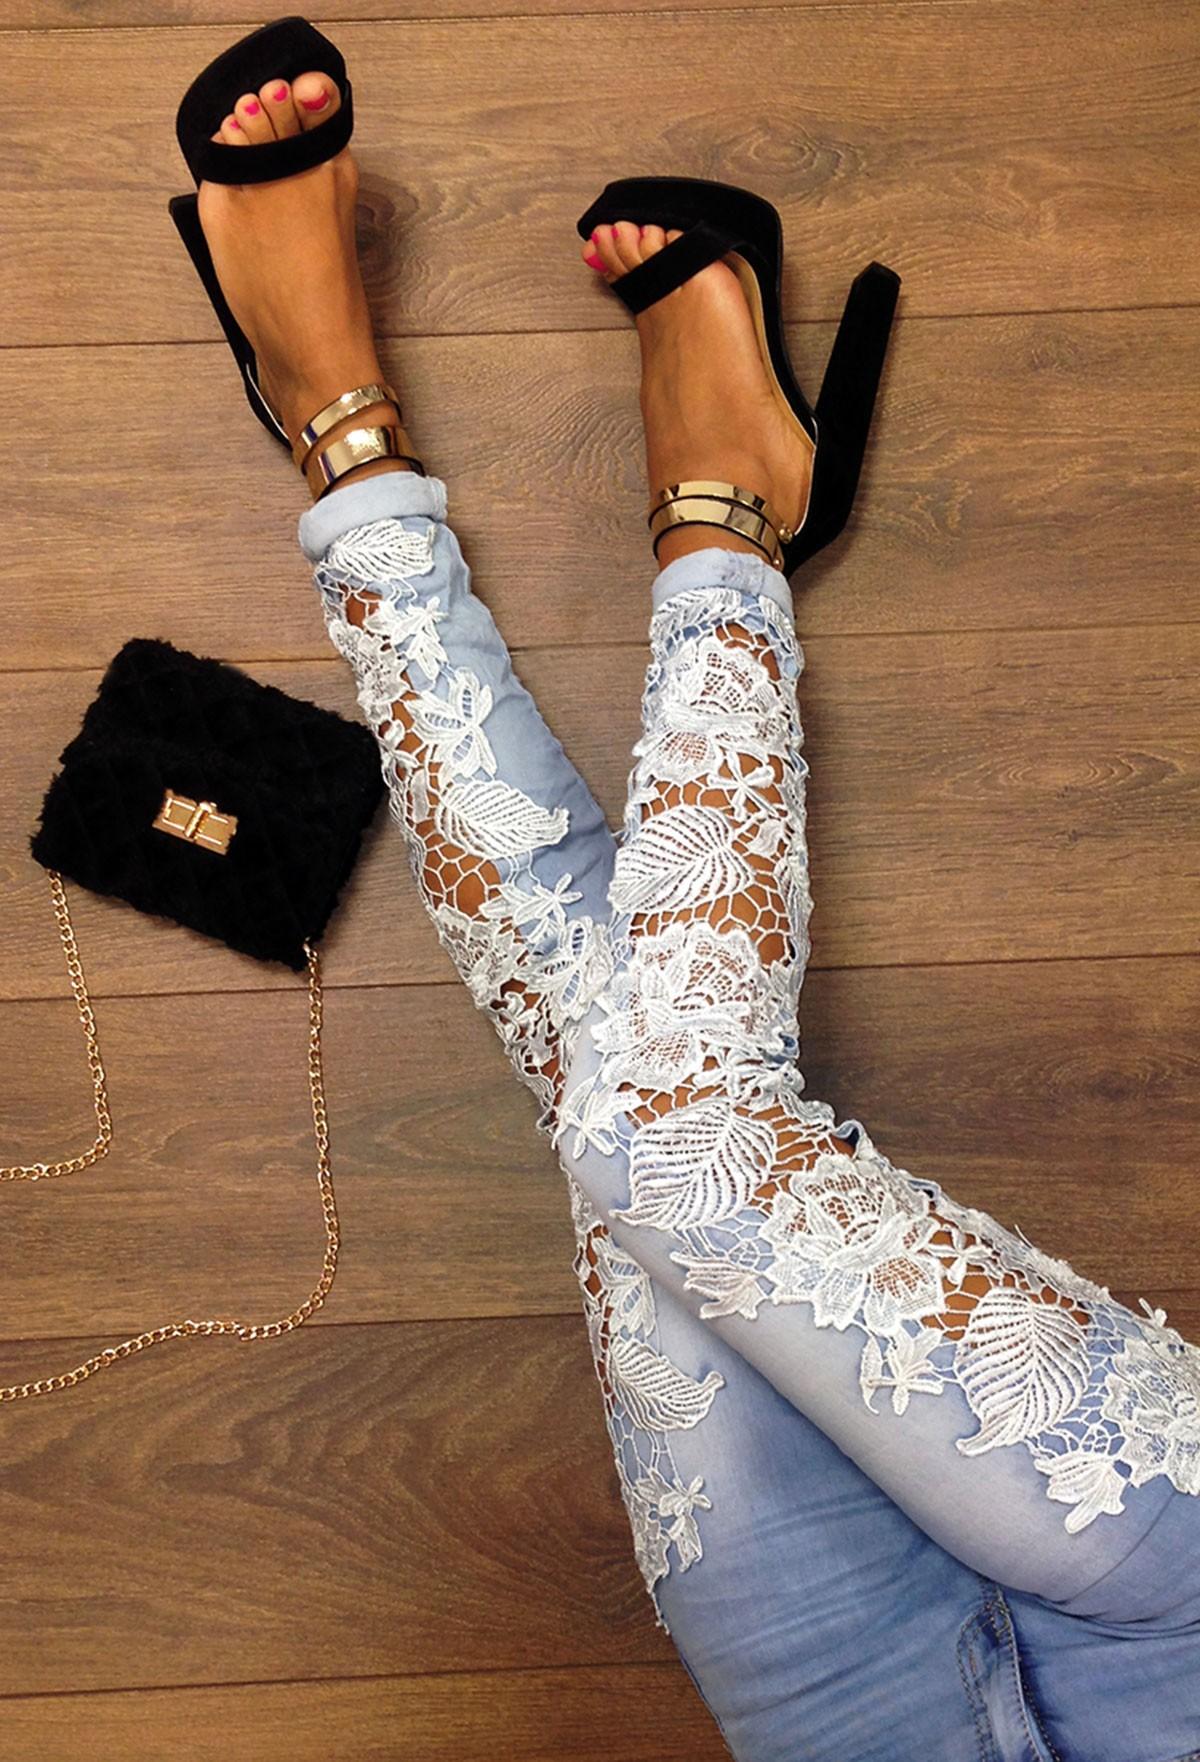 Смотреть онлайн жену в джинсах 23 фотография